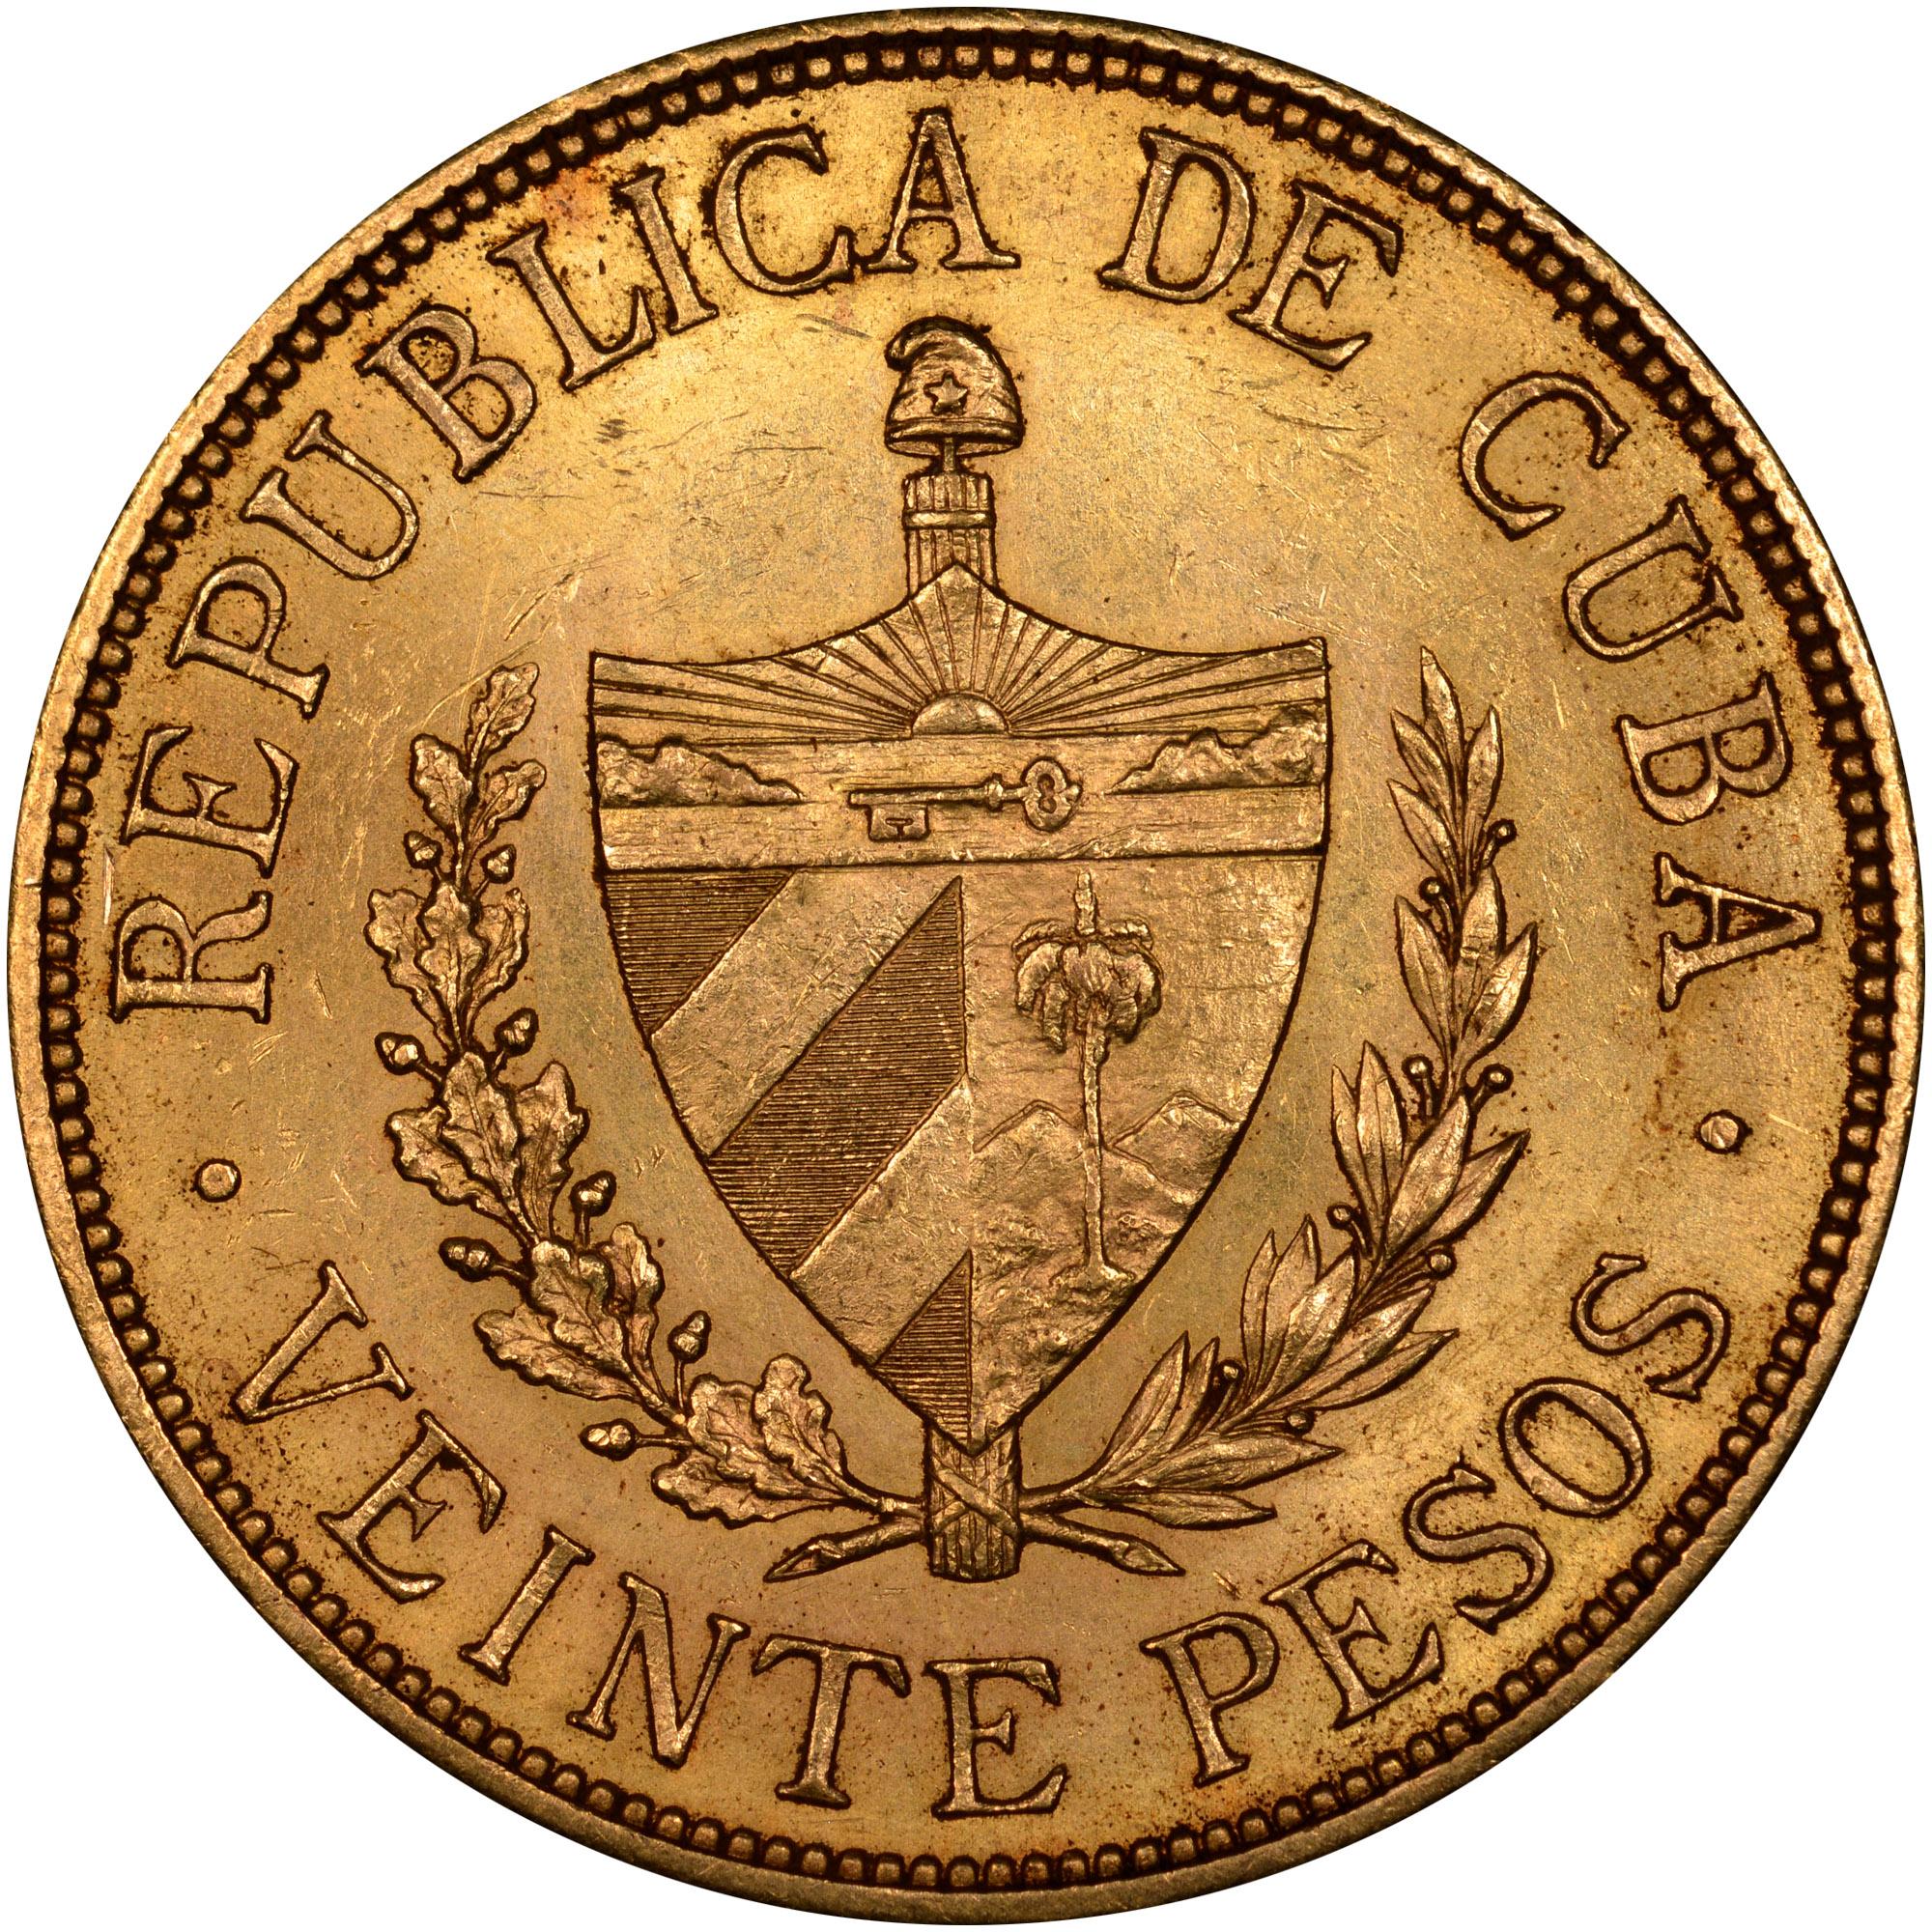 Cuba 20 Pesos reverse